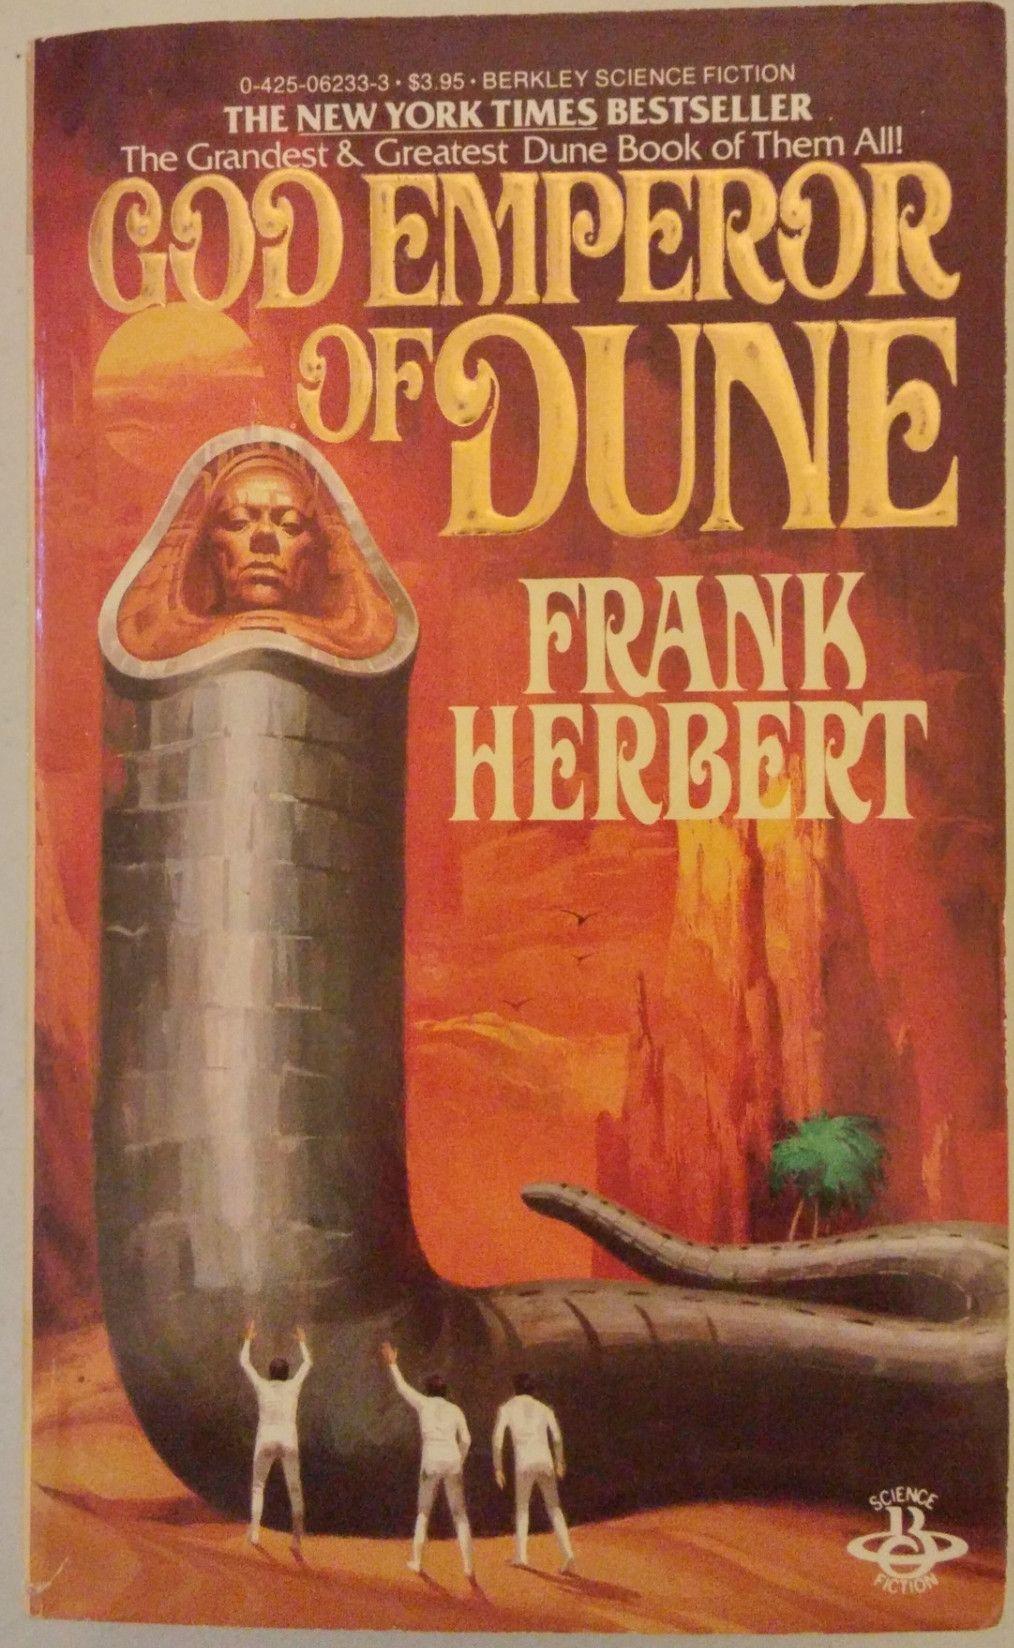 God Emperor of Dune (Dune Chronicles #4) by Frank Herbert